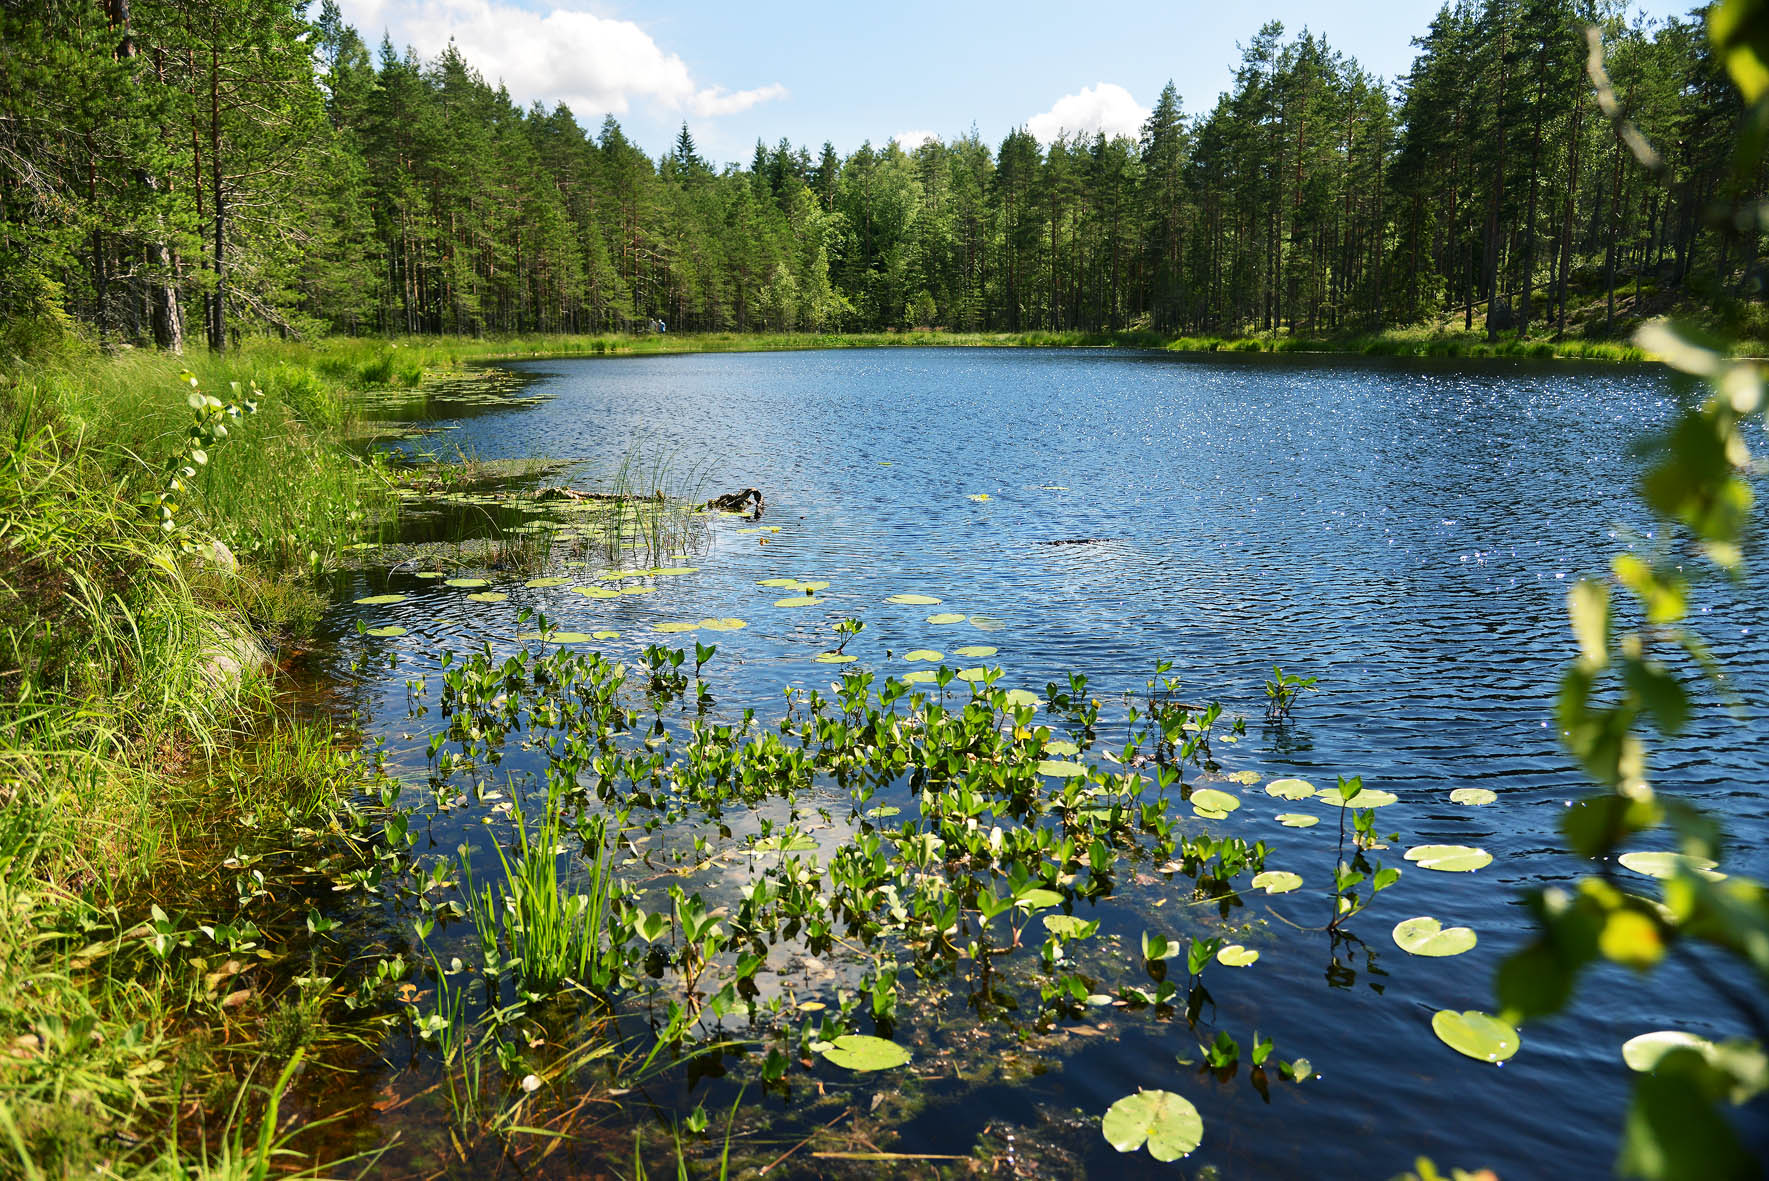 Virkistyspäivä | Luontorentoutus | Forestful